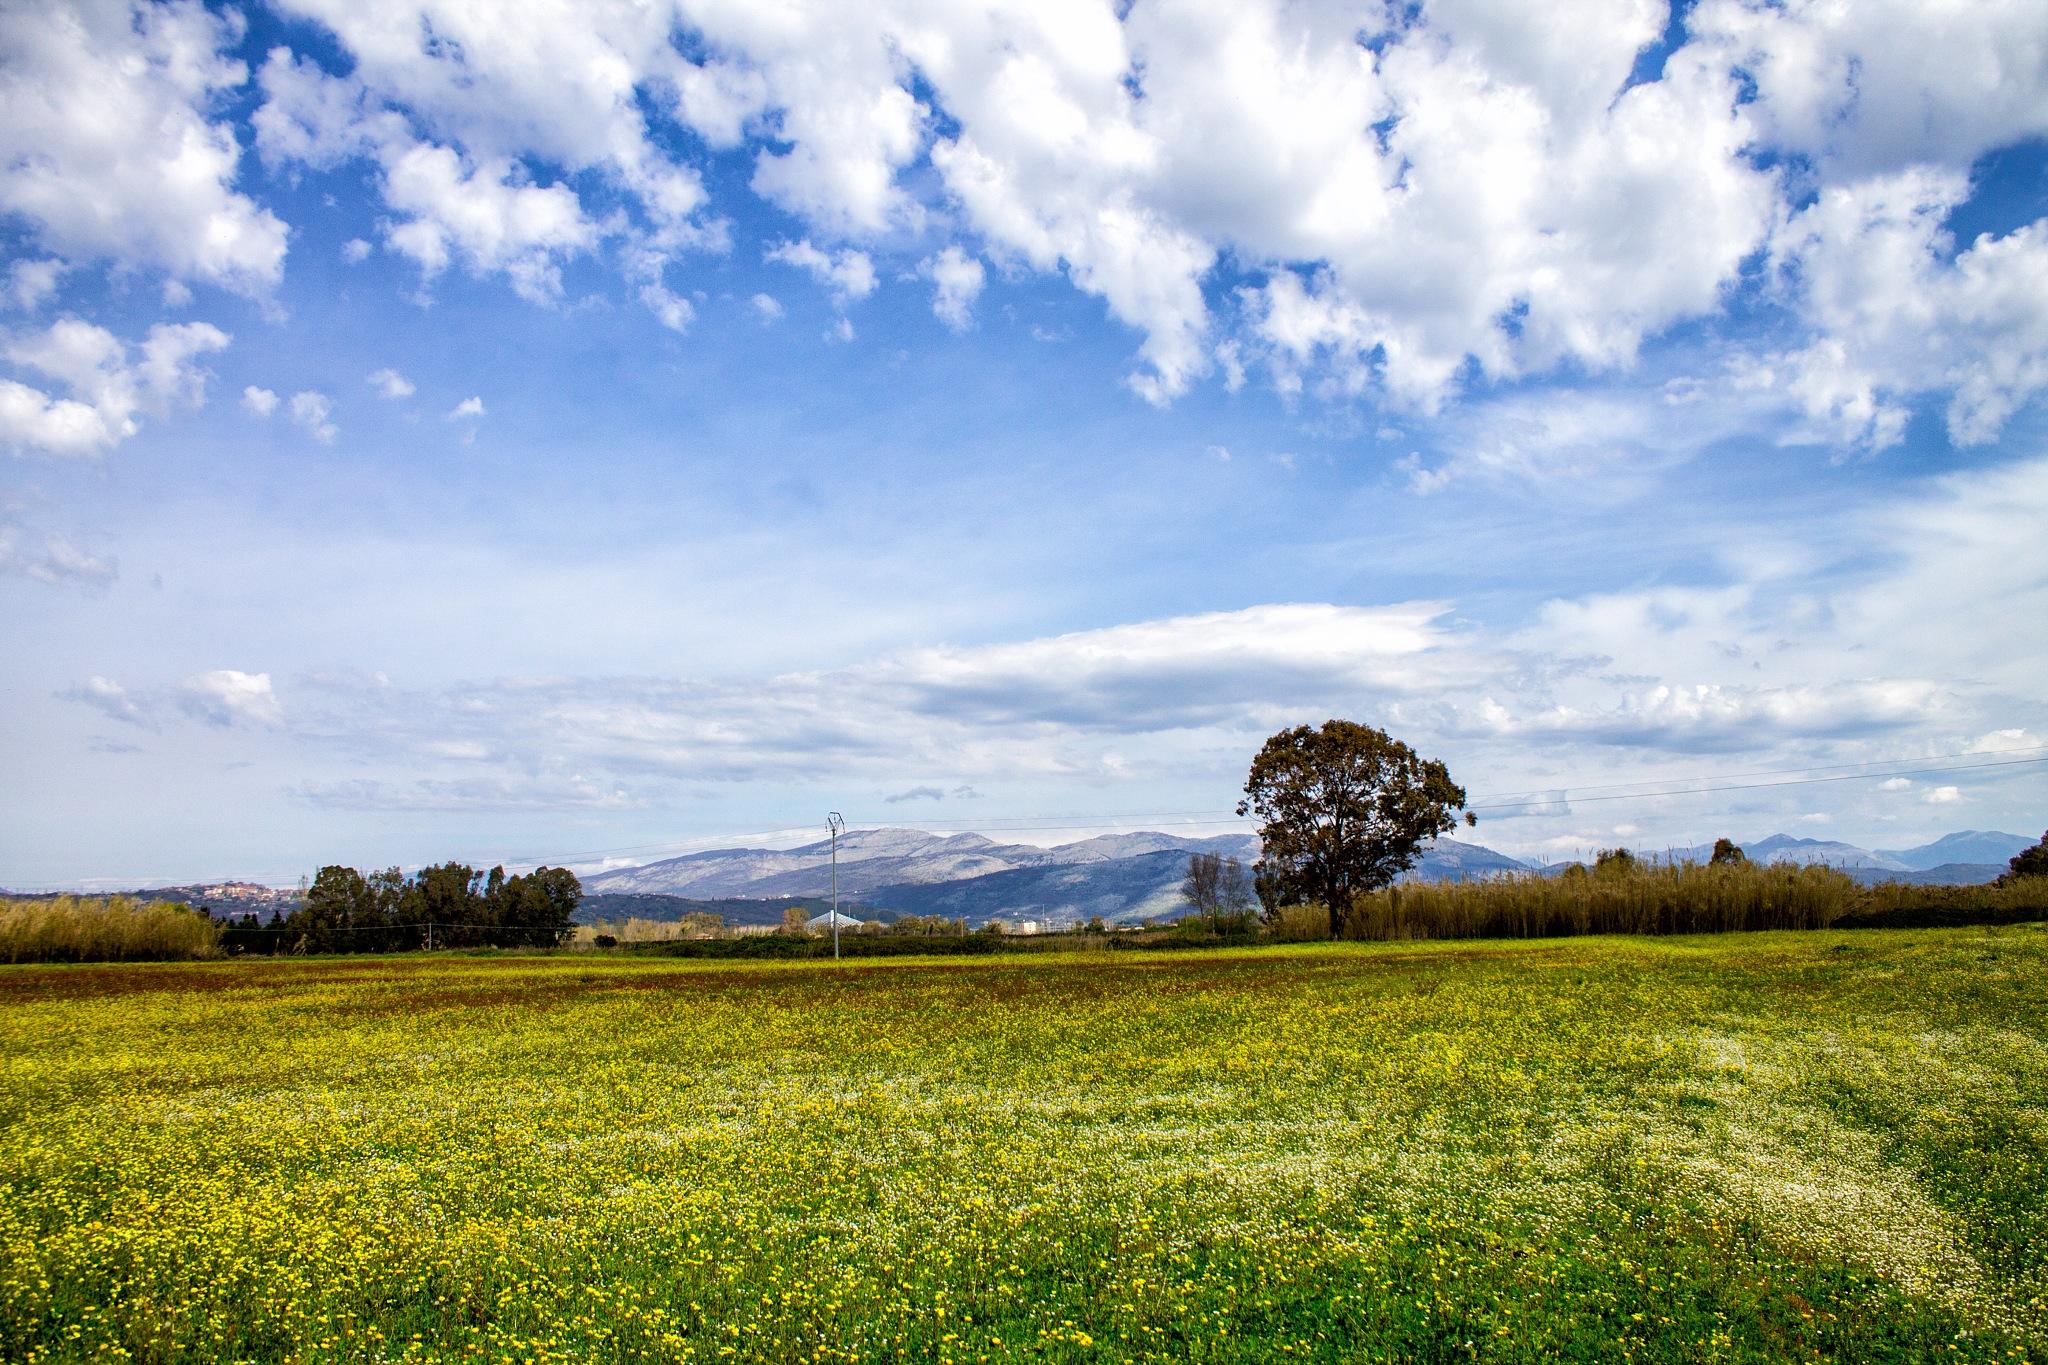 Parco regionale Roccamonfina - Foce del Garigliano by Salvatore Bertolino